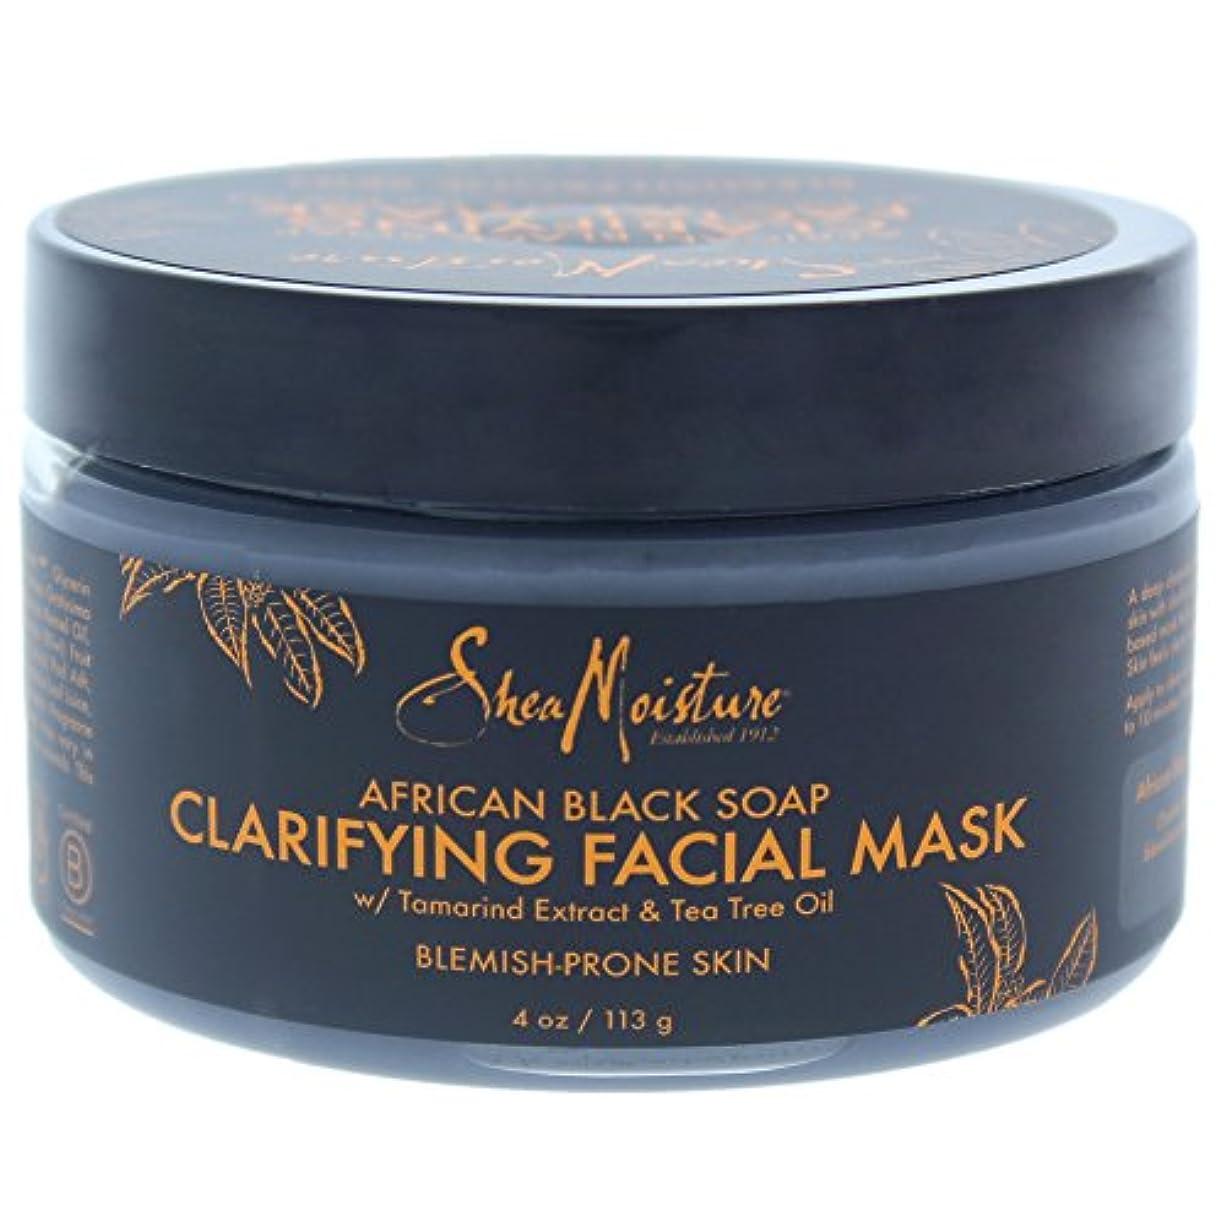 チェリー底不倫アフリカンブラックソープクラリファイジングフェイシャルマスク African Black Soap Clarifying Facial Mask